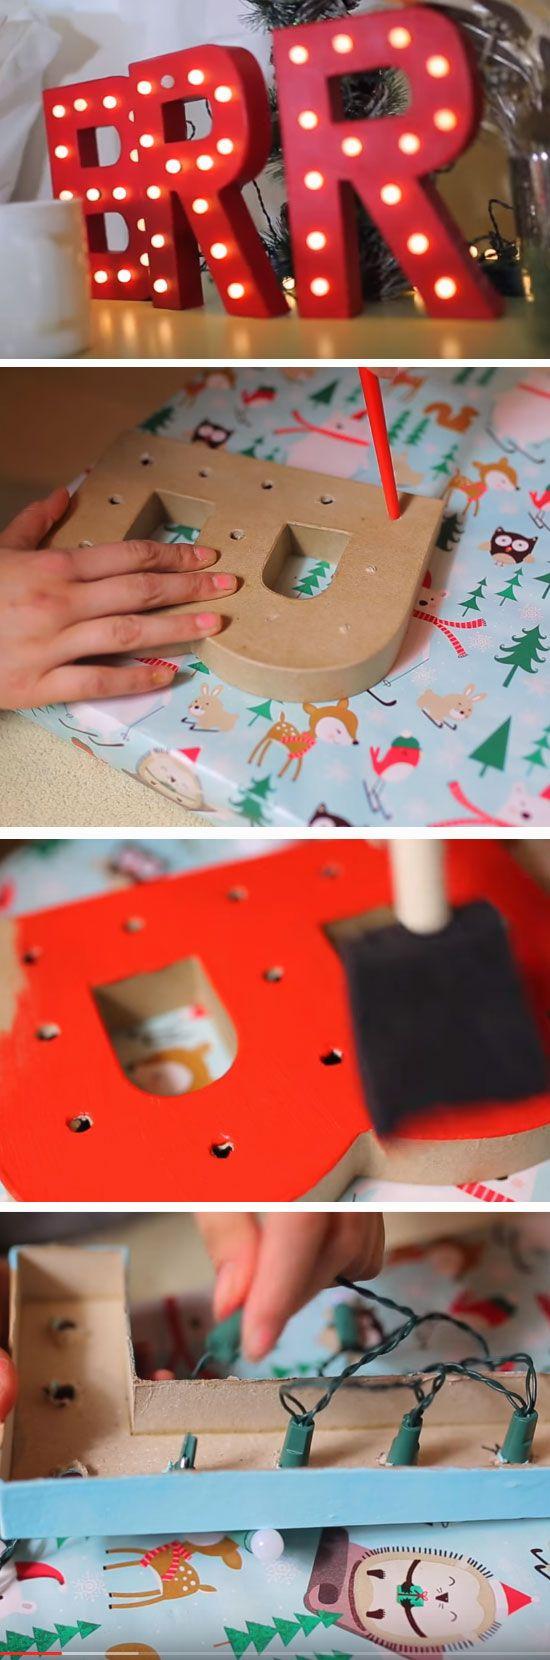 Letras de cartón con luces de navidad                                                                                                                                                                                 Más